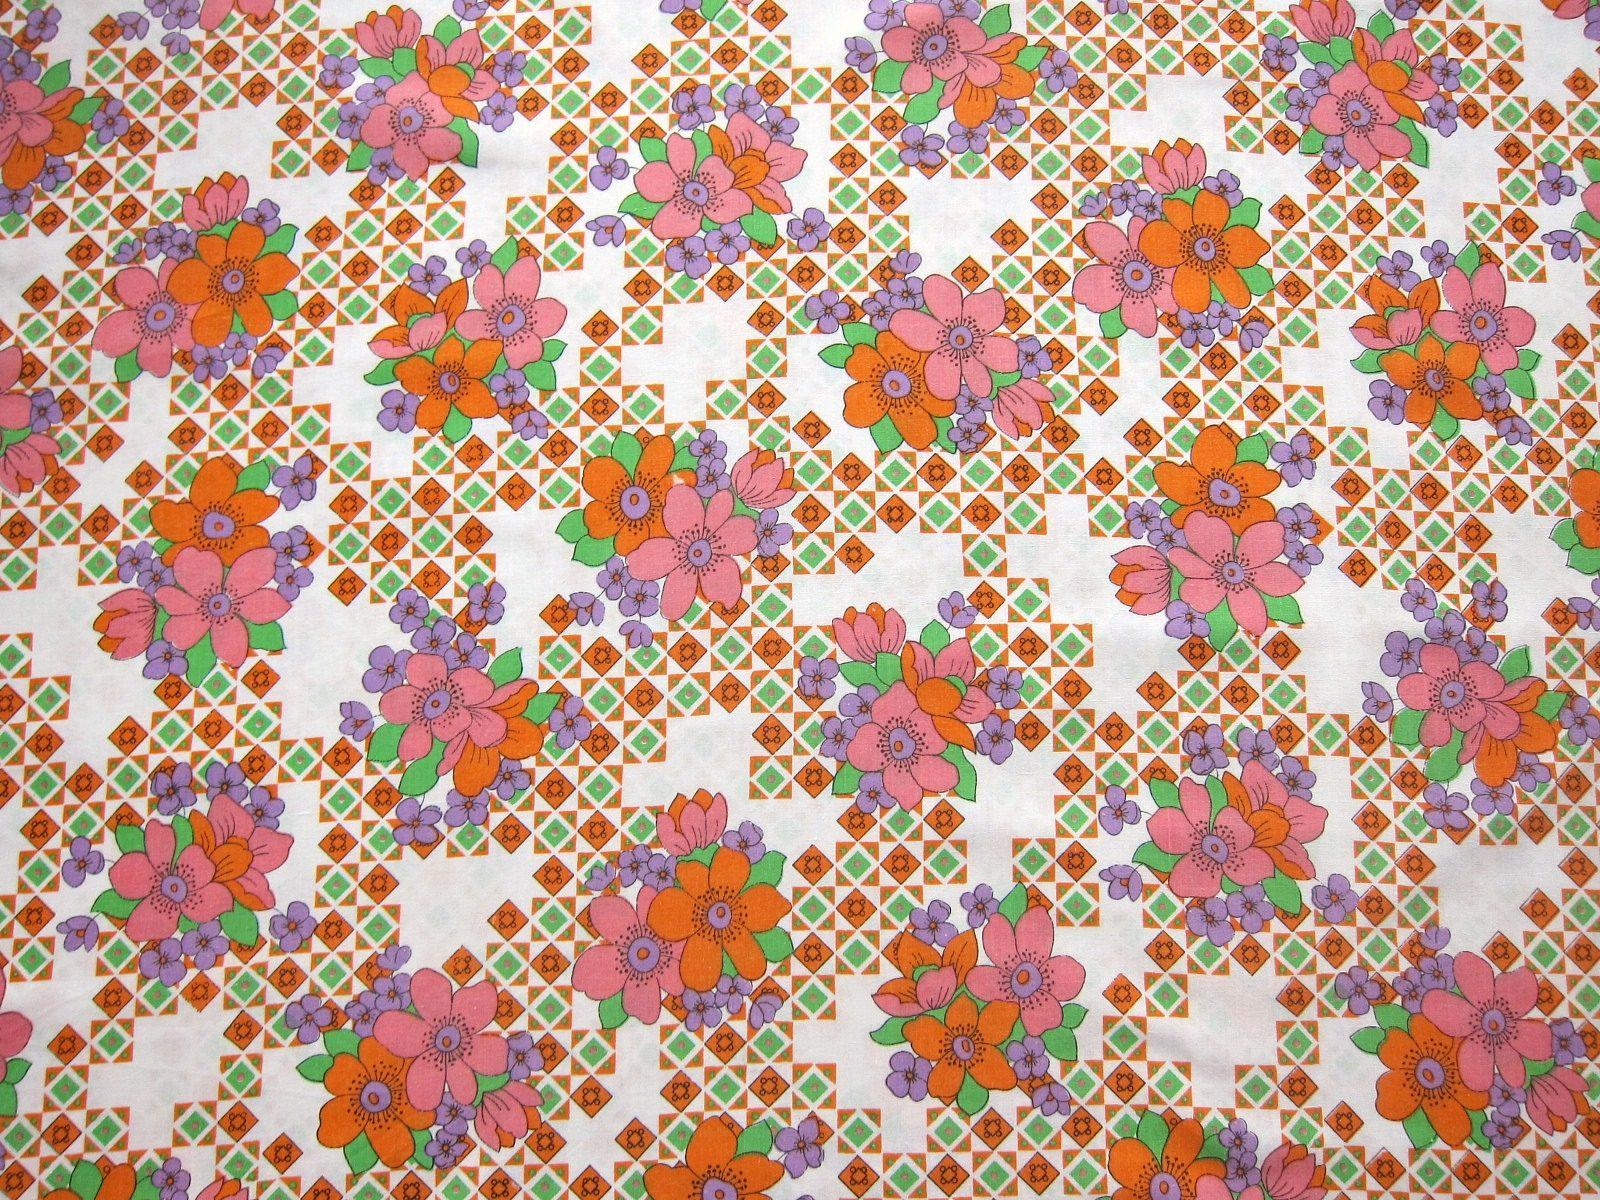 オレンジとピンク色のレトロ花柄ヴィンテージ生地 幅115cm Frau Vintage